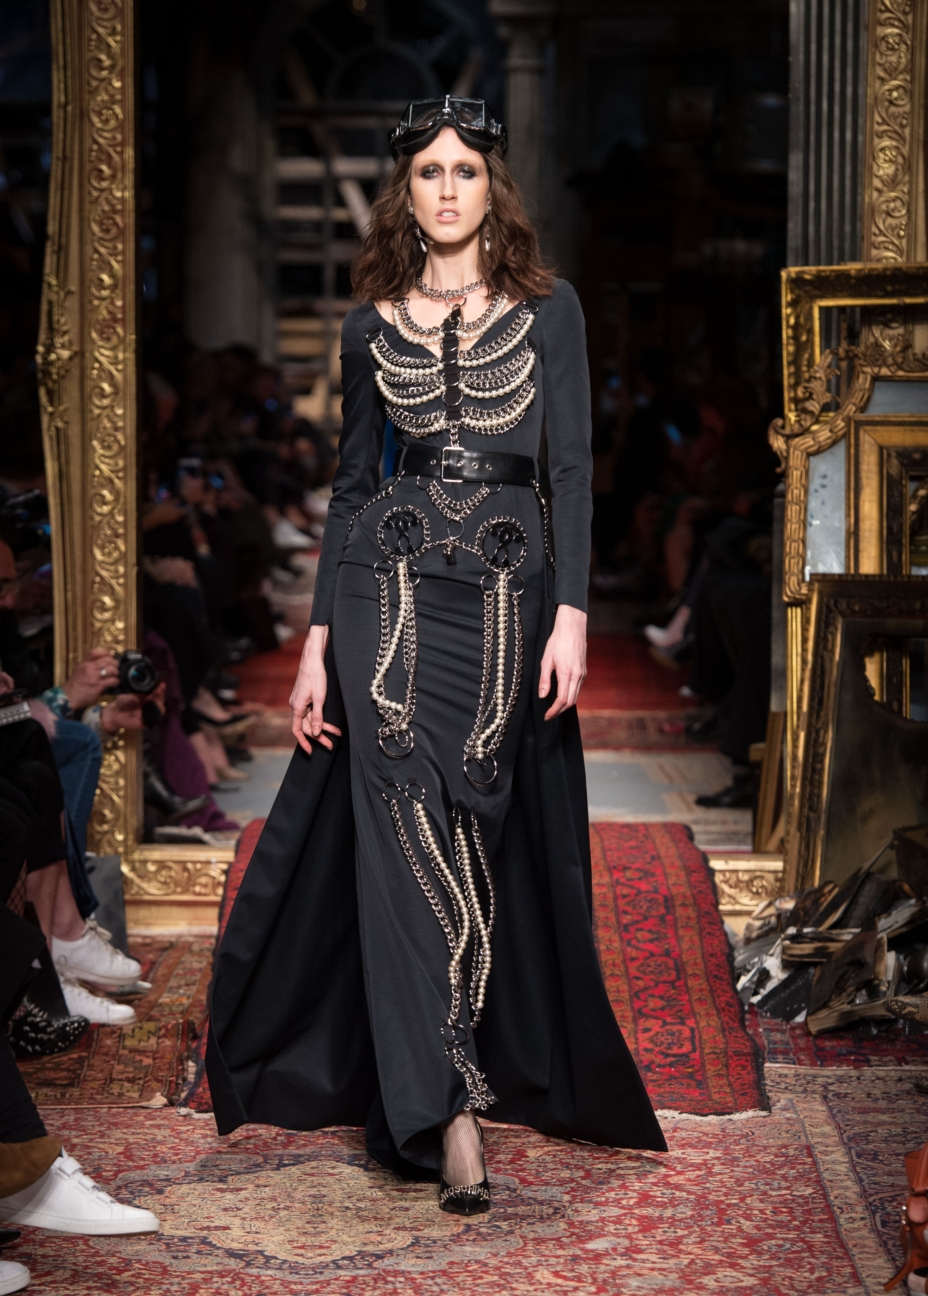 moschino-milan-fashion-week-aw-16-21